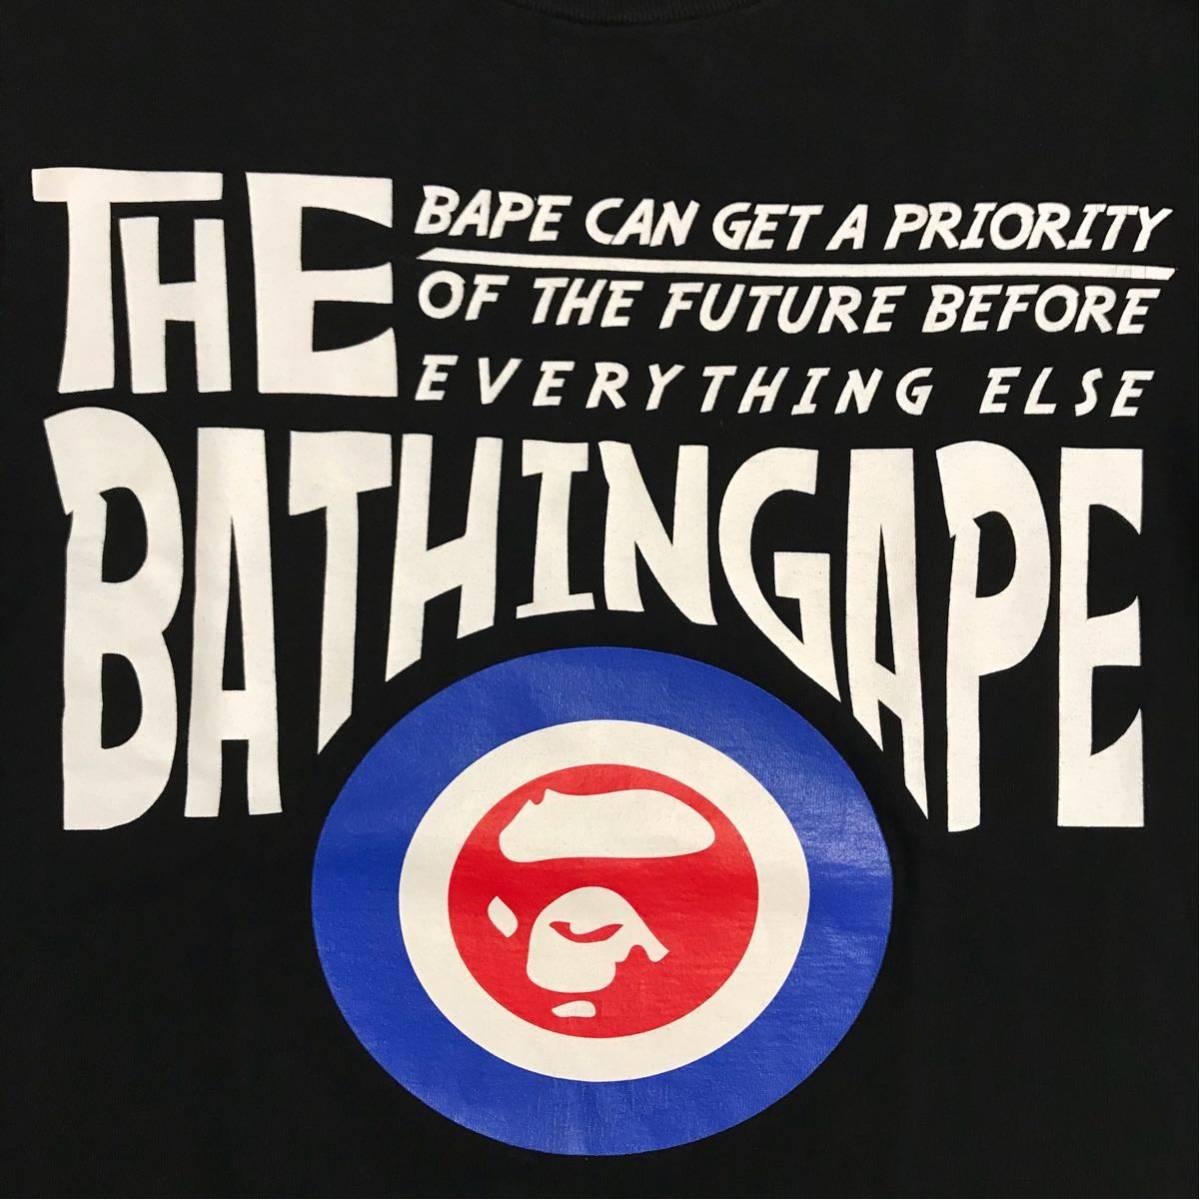 ★レア★ 初期 ビートルズ ロゴ ロンT Sサイズ 90s a bathing ape bape エイプ ベイプ アベイシングエイプ ビンテージ 裏原宿 nowhere nigo